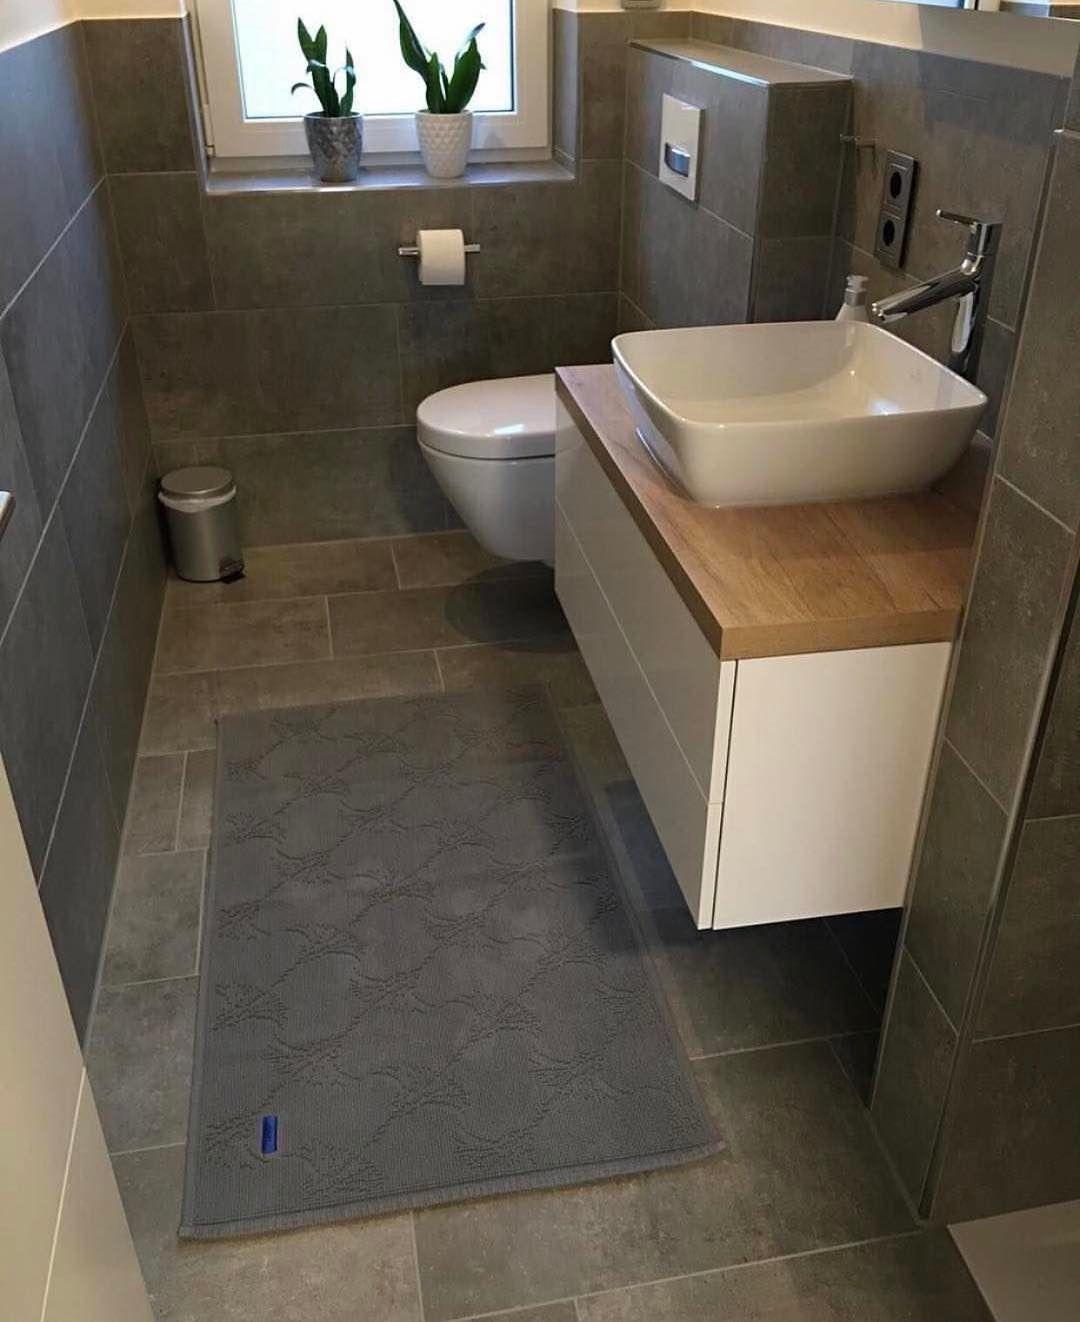 Gefallt 581 Mal 7 Kommentare Larasherz Larasherz Auf Instagram Blick Ins Gastebad Gastebad Villeroyboch V Bathroom Toilet Bathroom Vanity